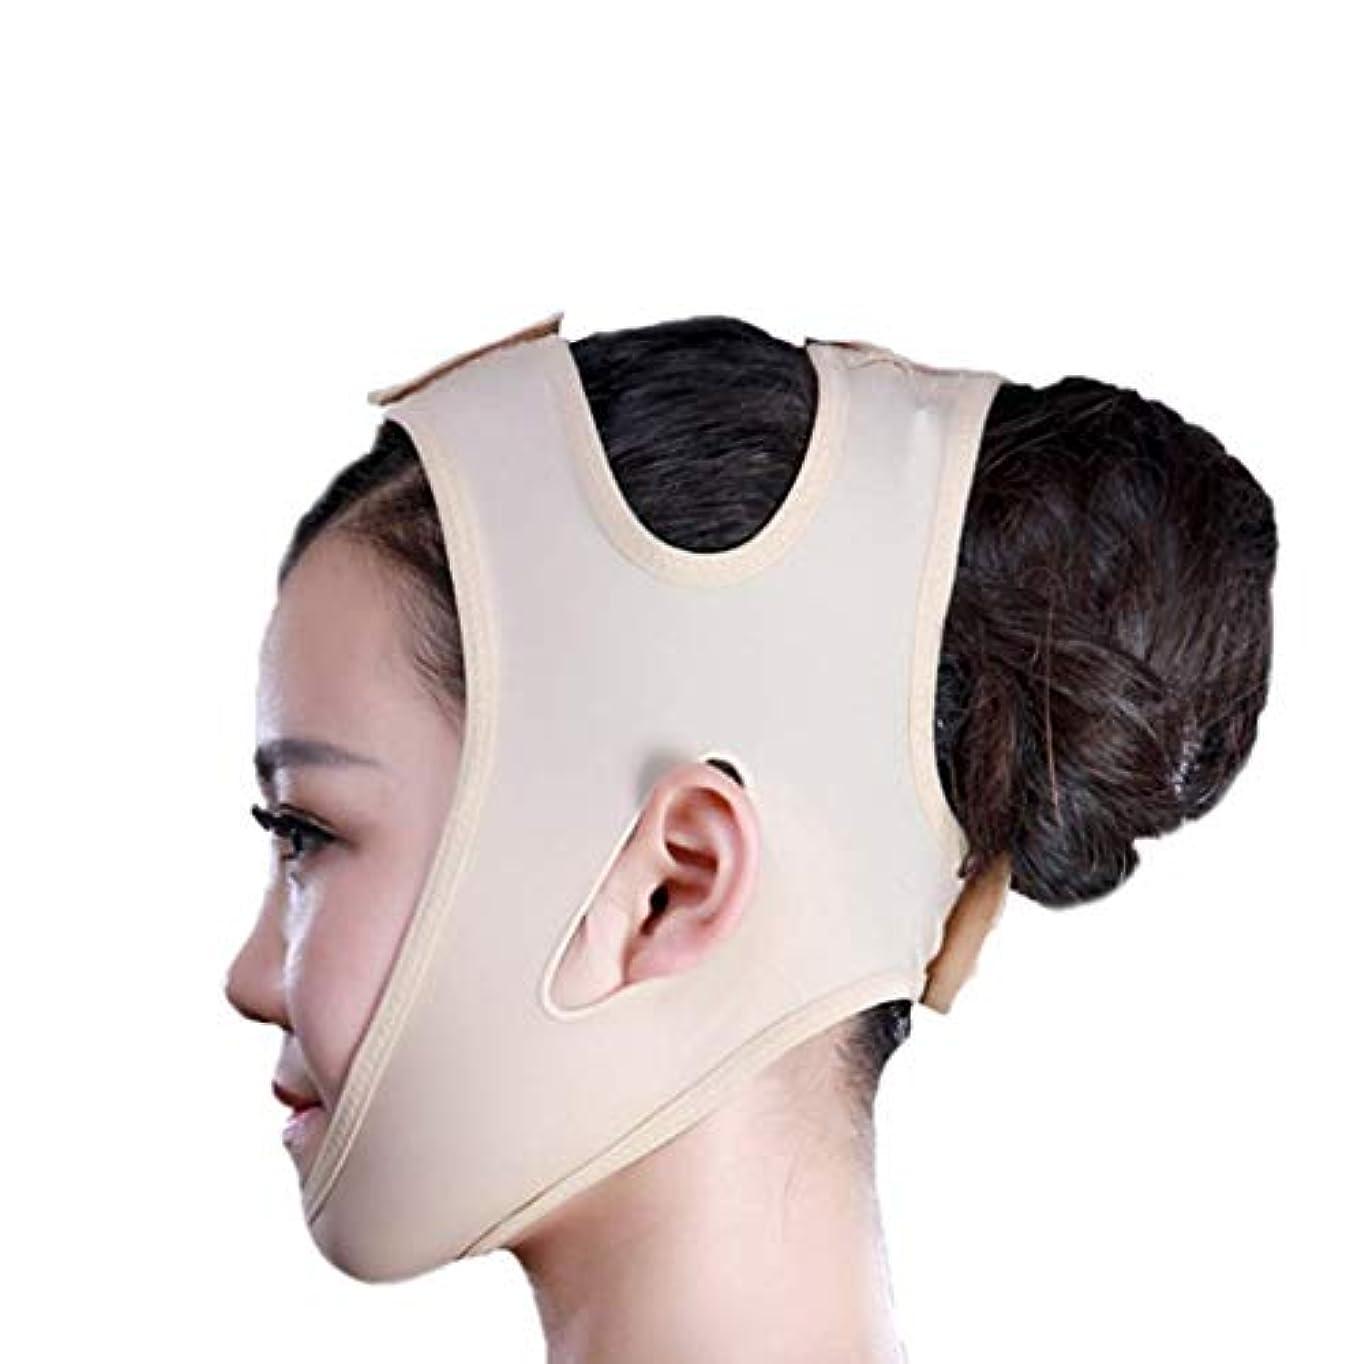 動力学介入するハックフェイススリミングマスク、快適さと通気性、フェイシャルリフティング、輪郭の改善された硬さ、ファーミングとリフティングフェイス(カラー:ブラック、サイズ:XL),黄色がかったピンク、M